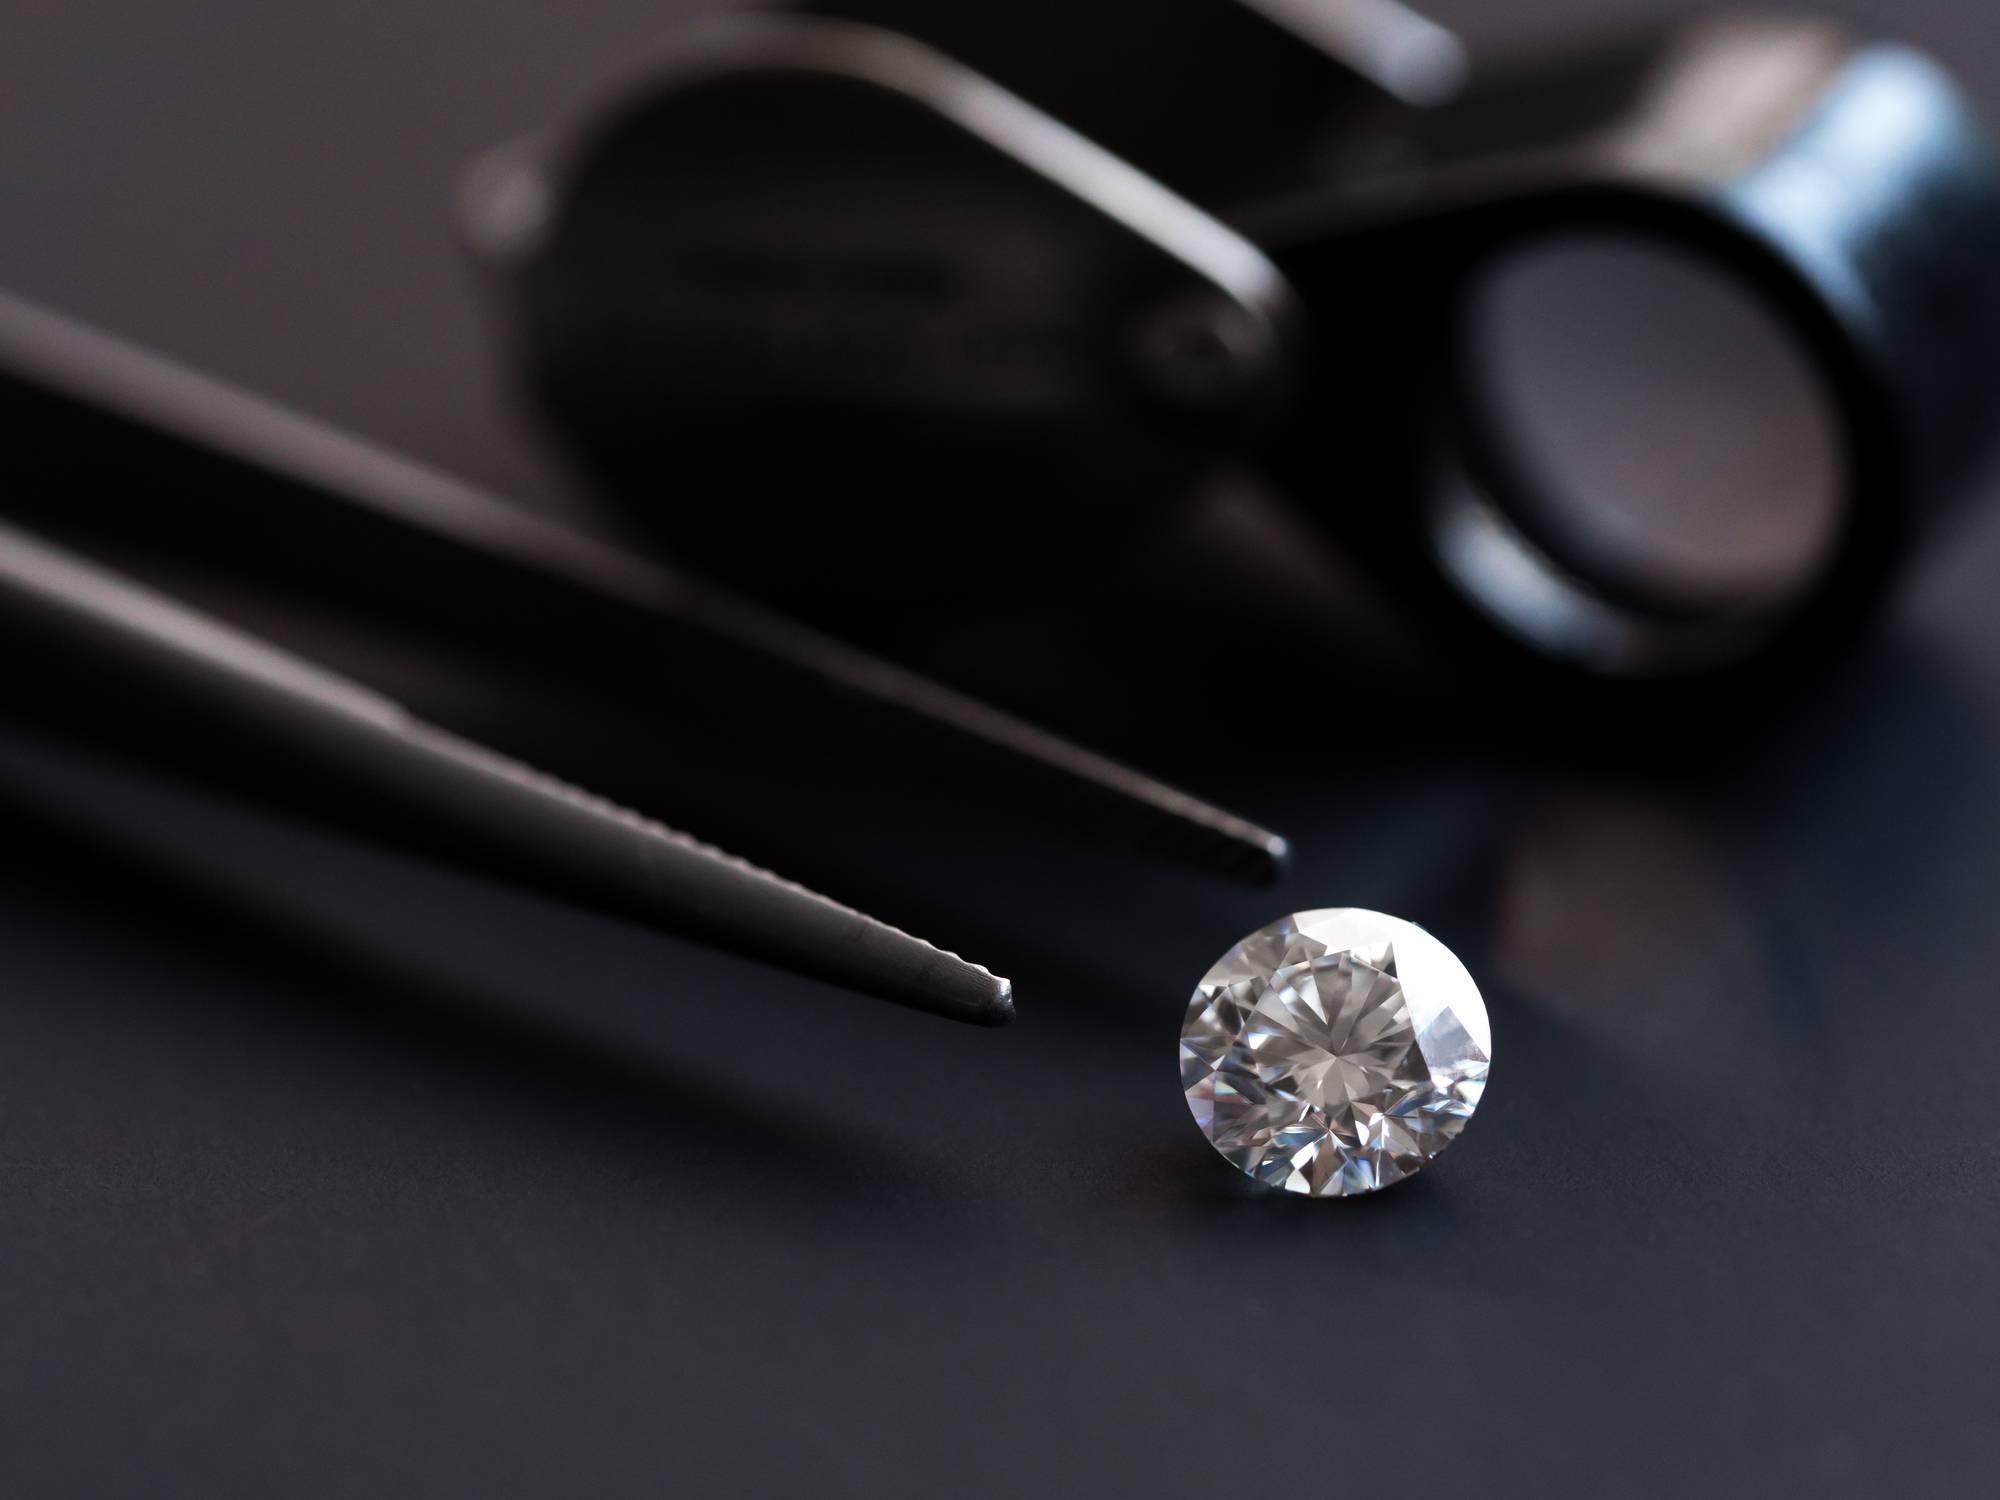 diamant brut investissement